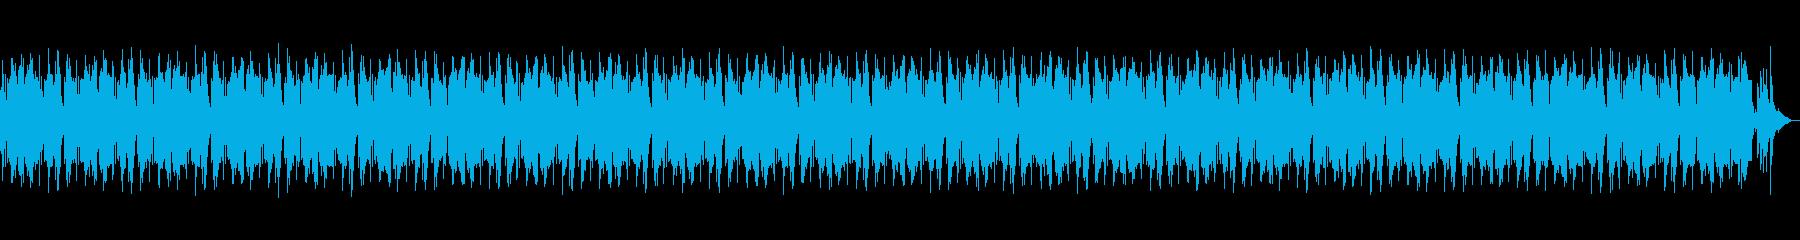 川のせせらぎとハープの森林浴 BGMの再生済みの波形